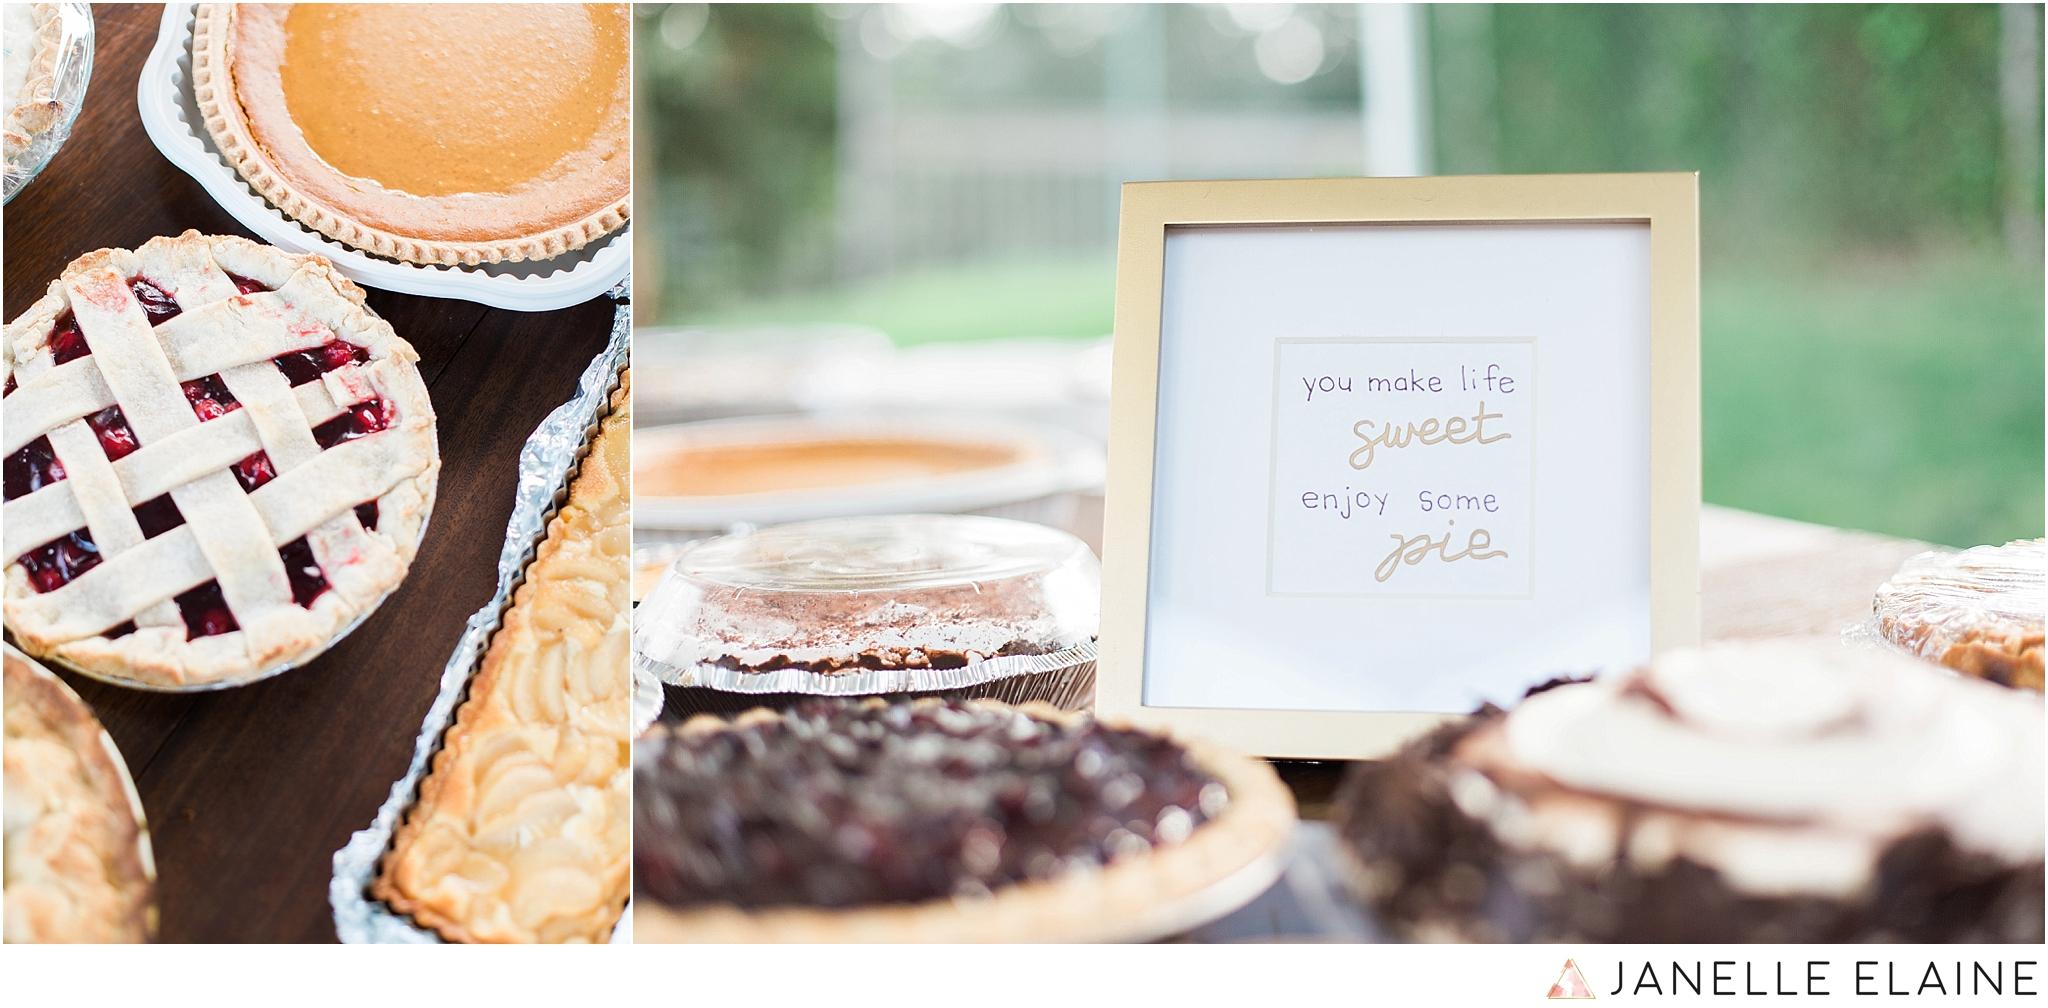 seattle-portrait-engagement-wedding-photographer-janelle-elaine-photography-75.jpg